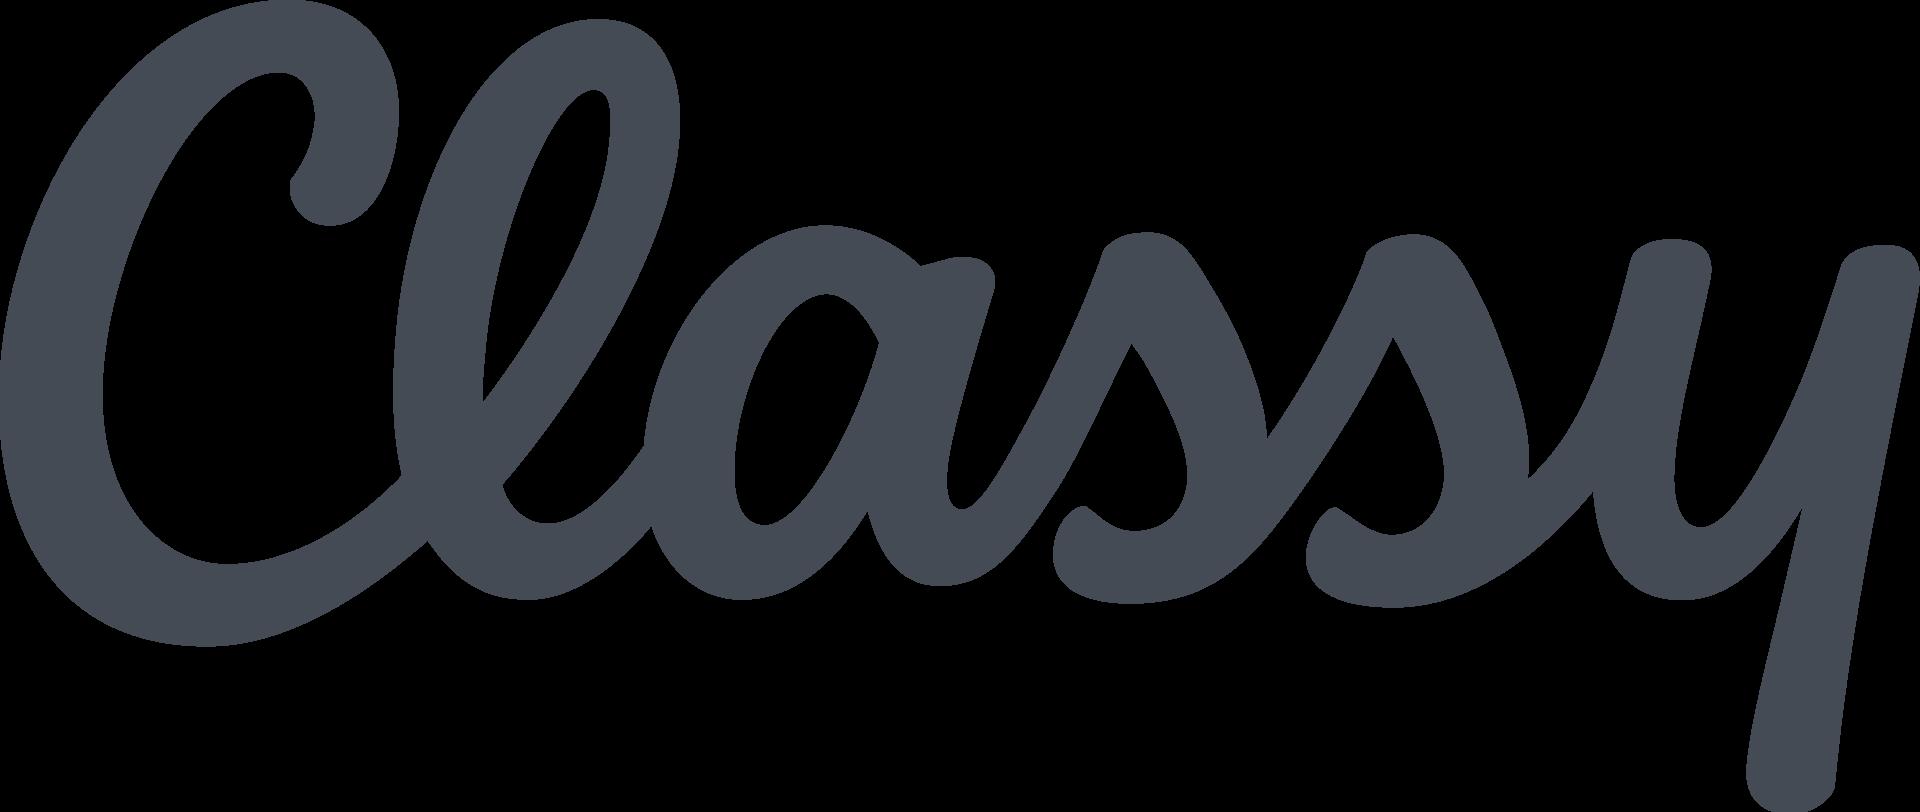 Classy Fundraising Logo